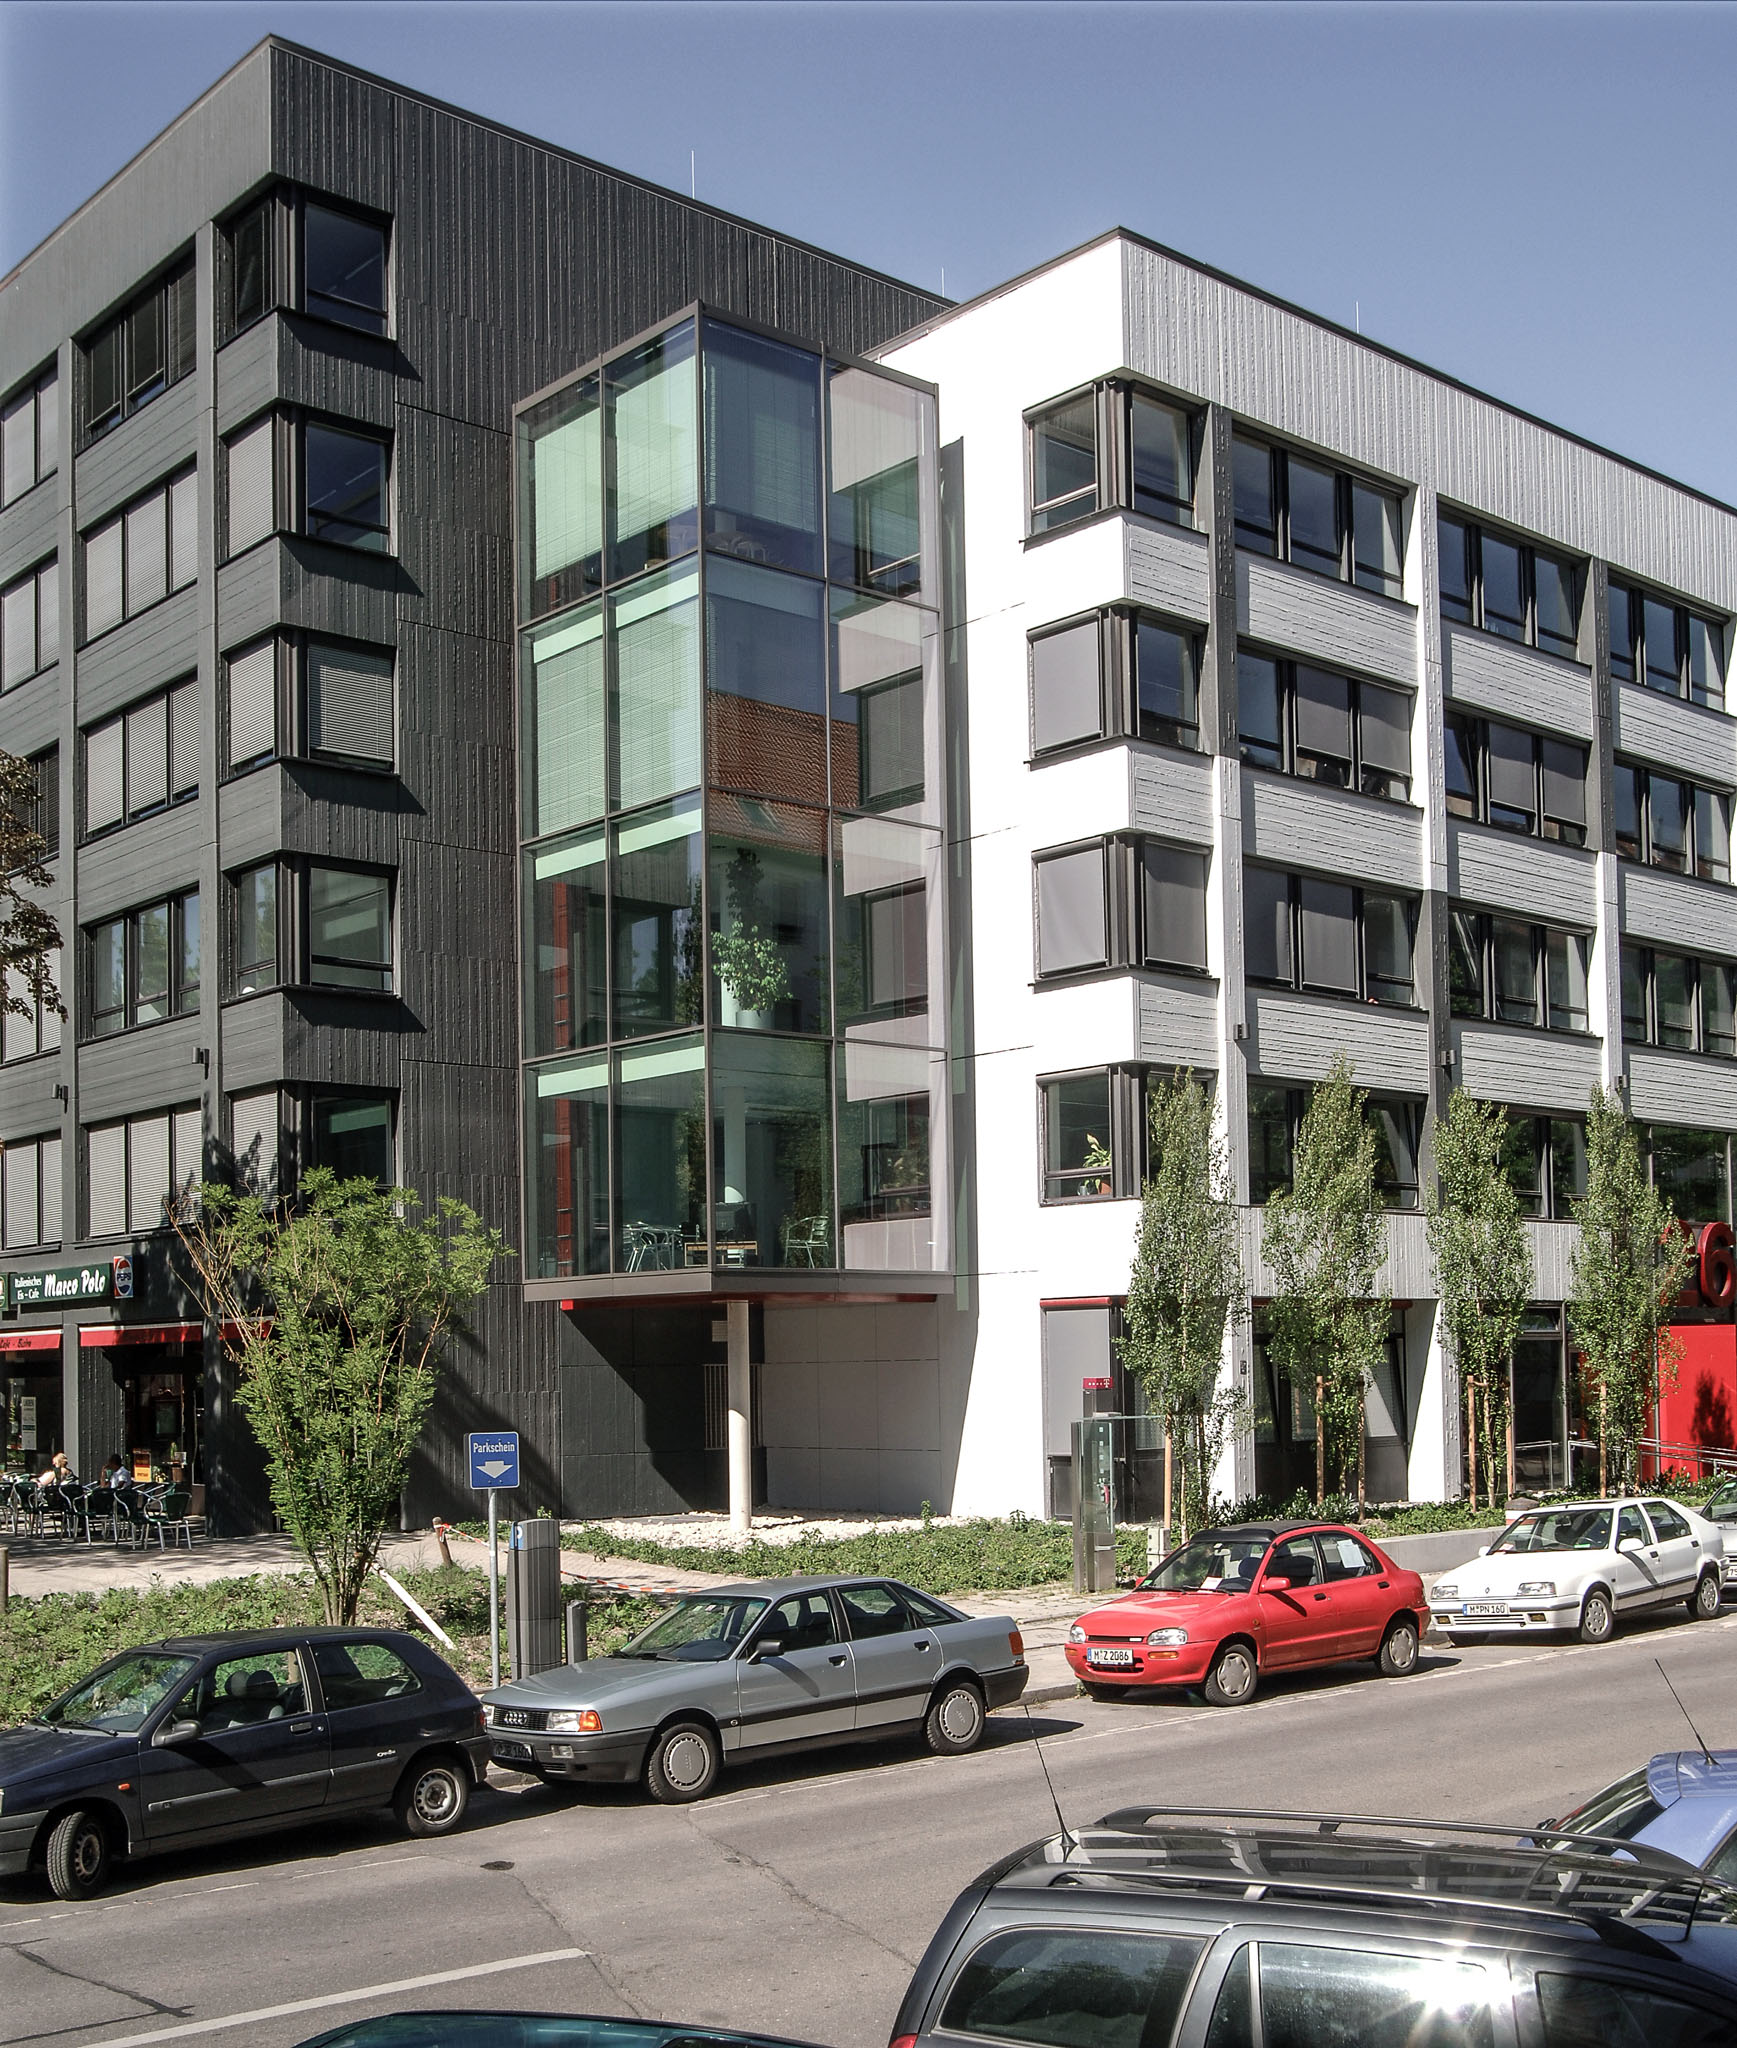 Quartier Haidhausen 2